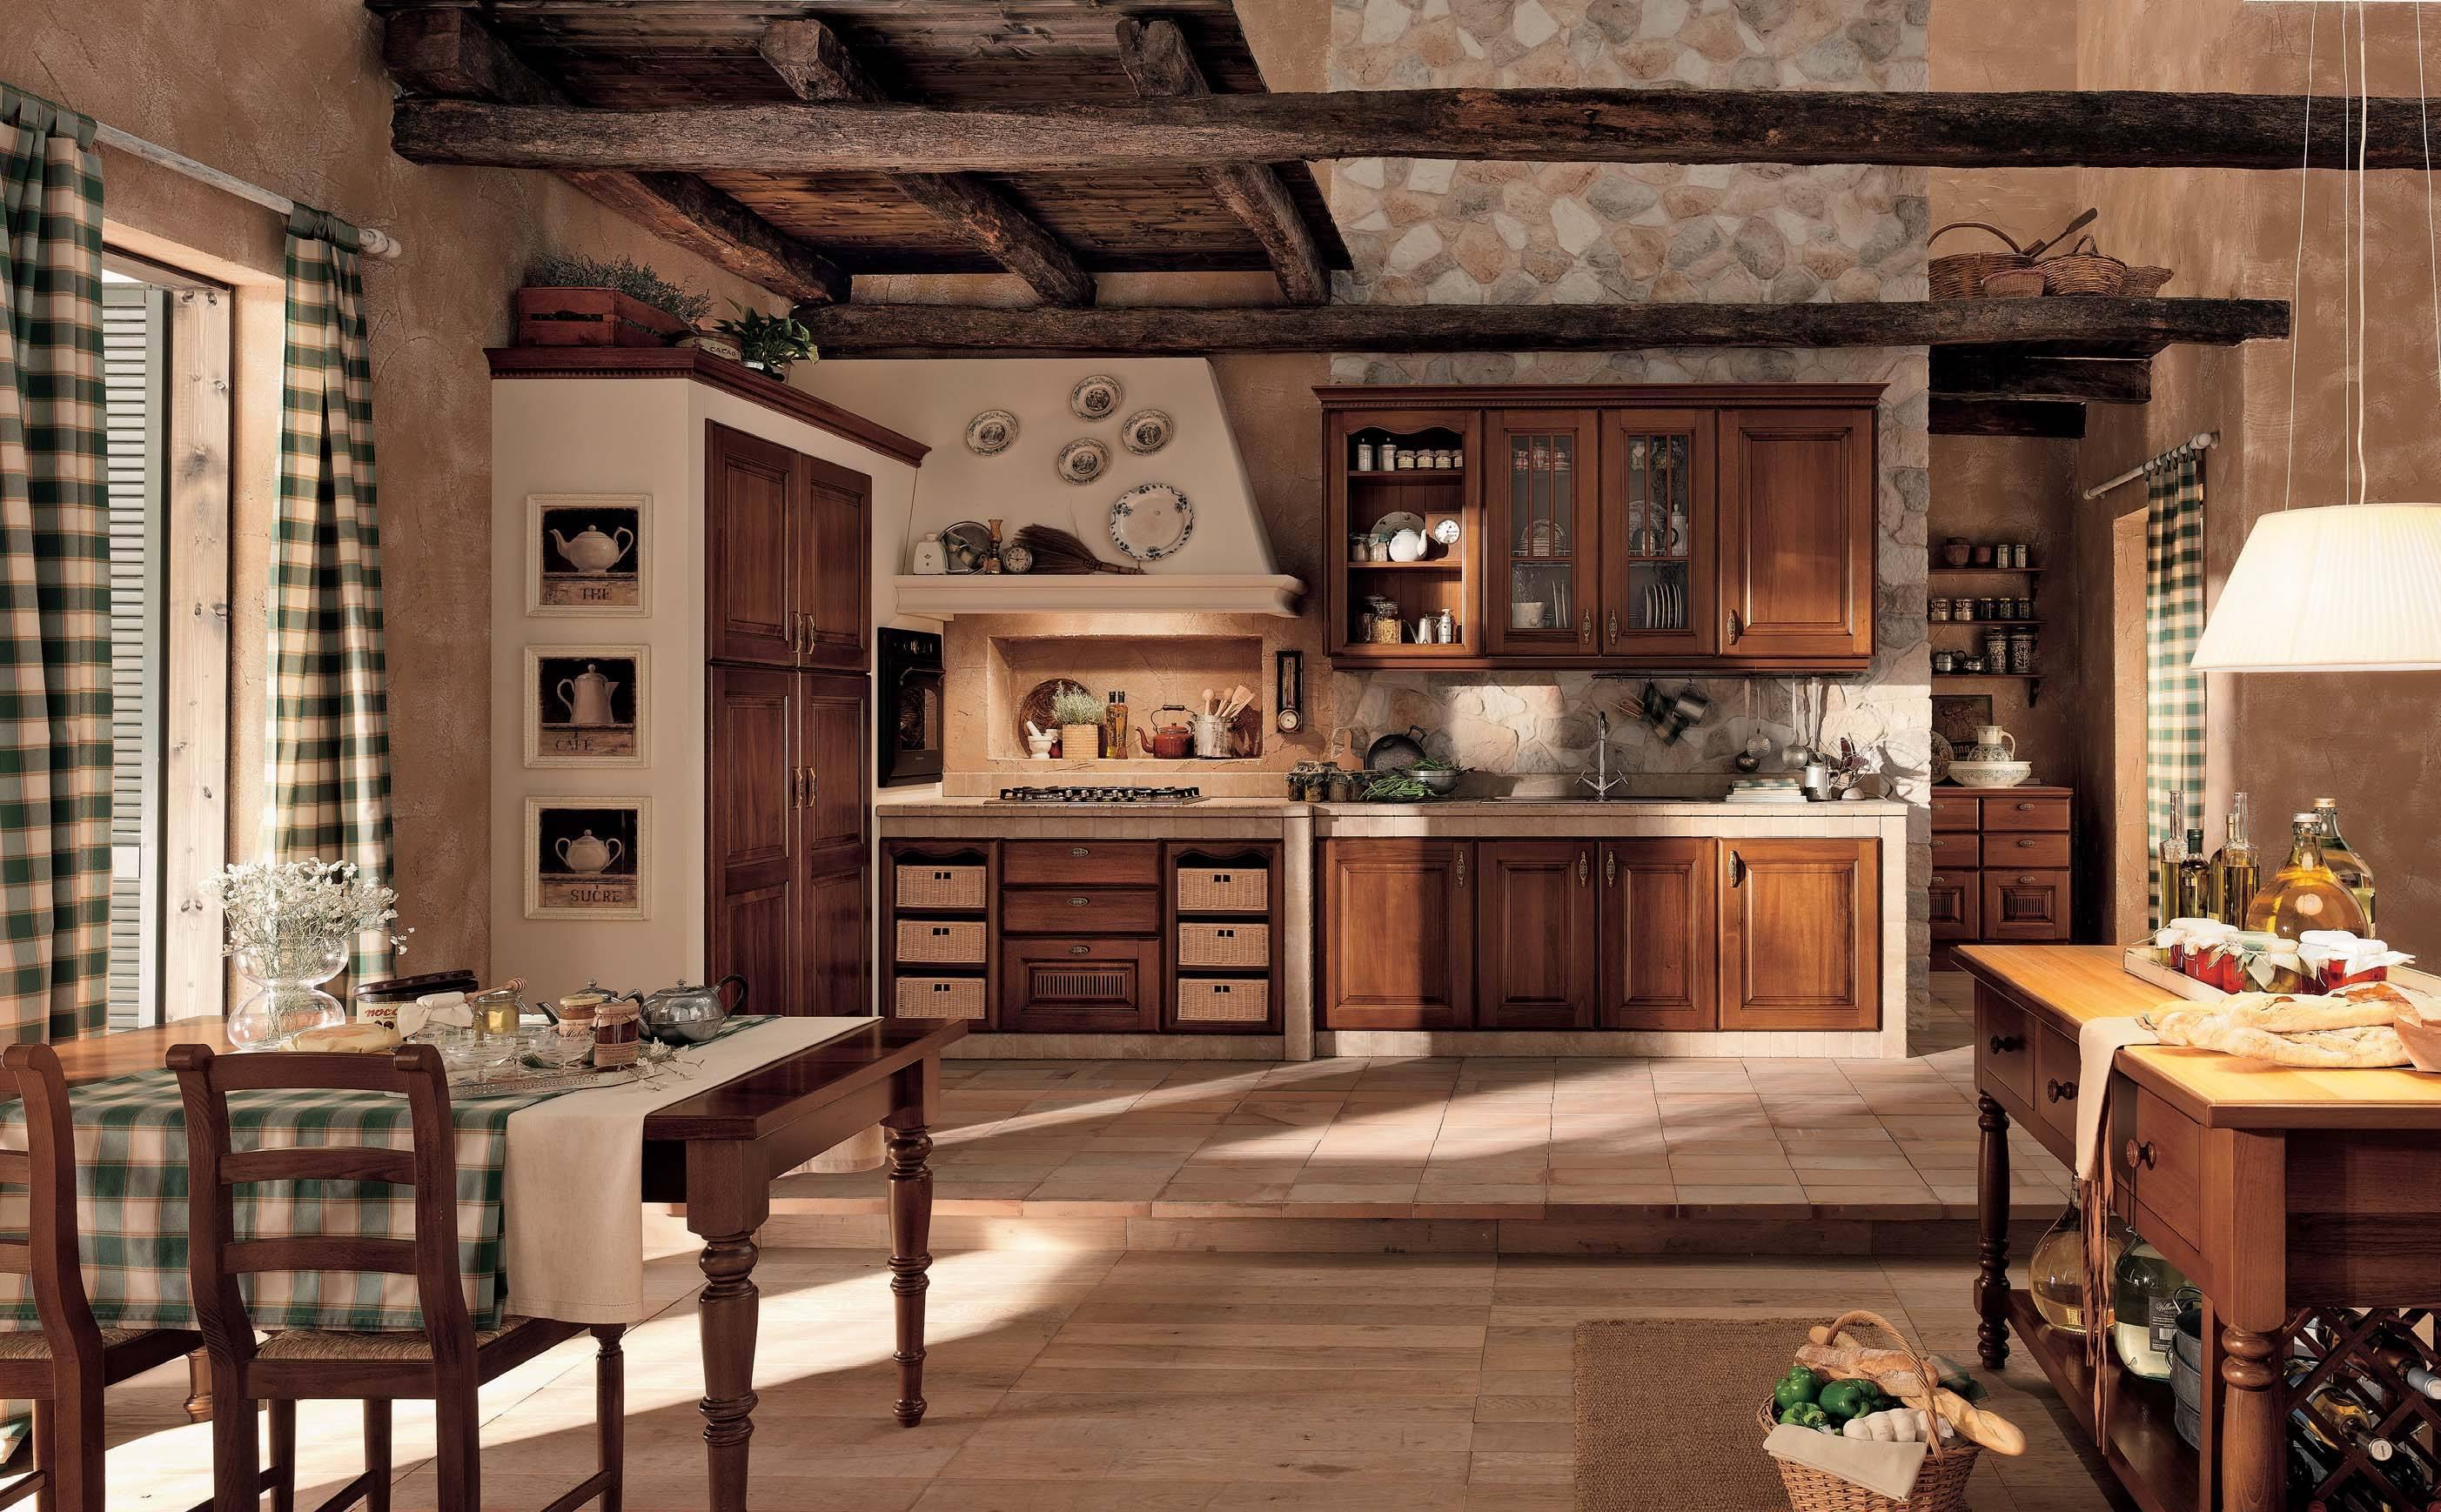 L'utilisation de meubles en bois massif